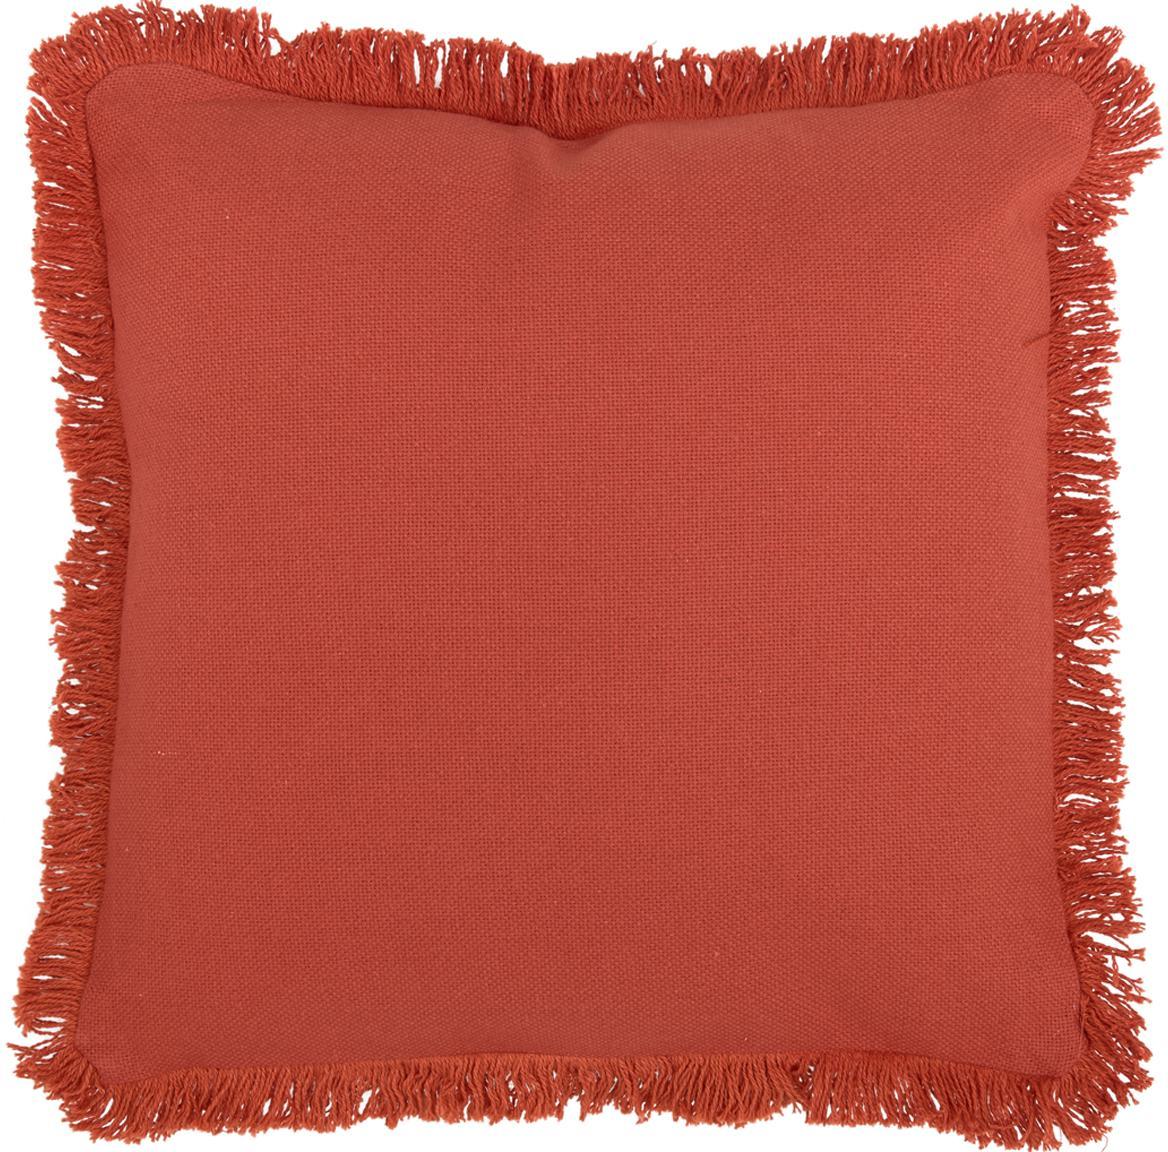 Cojín con flecos Prague, con relleno, Parte delantera: 100%algodón de tejido gr, Parte trasera: 100%algodón, Terracota, An 40 x L 40 cm